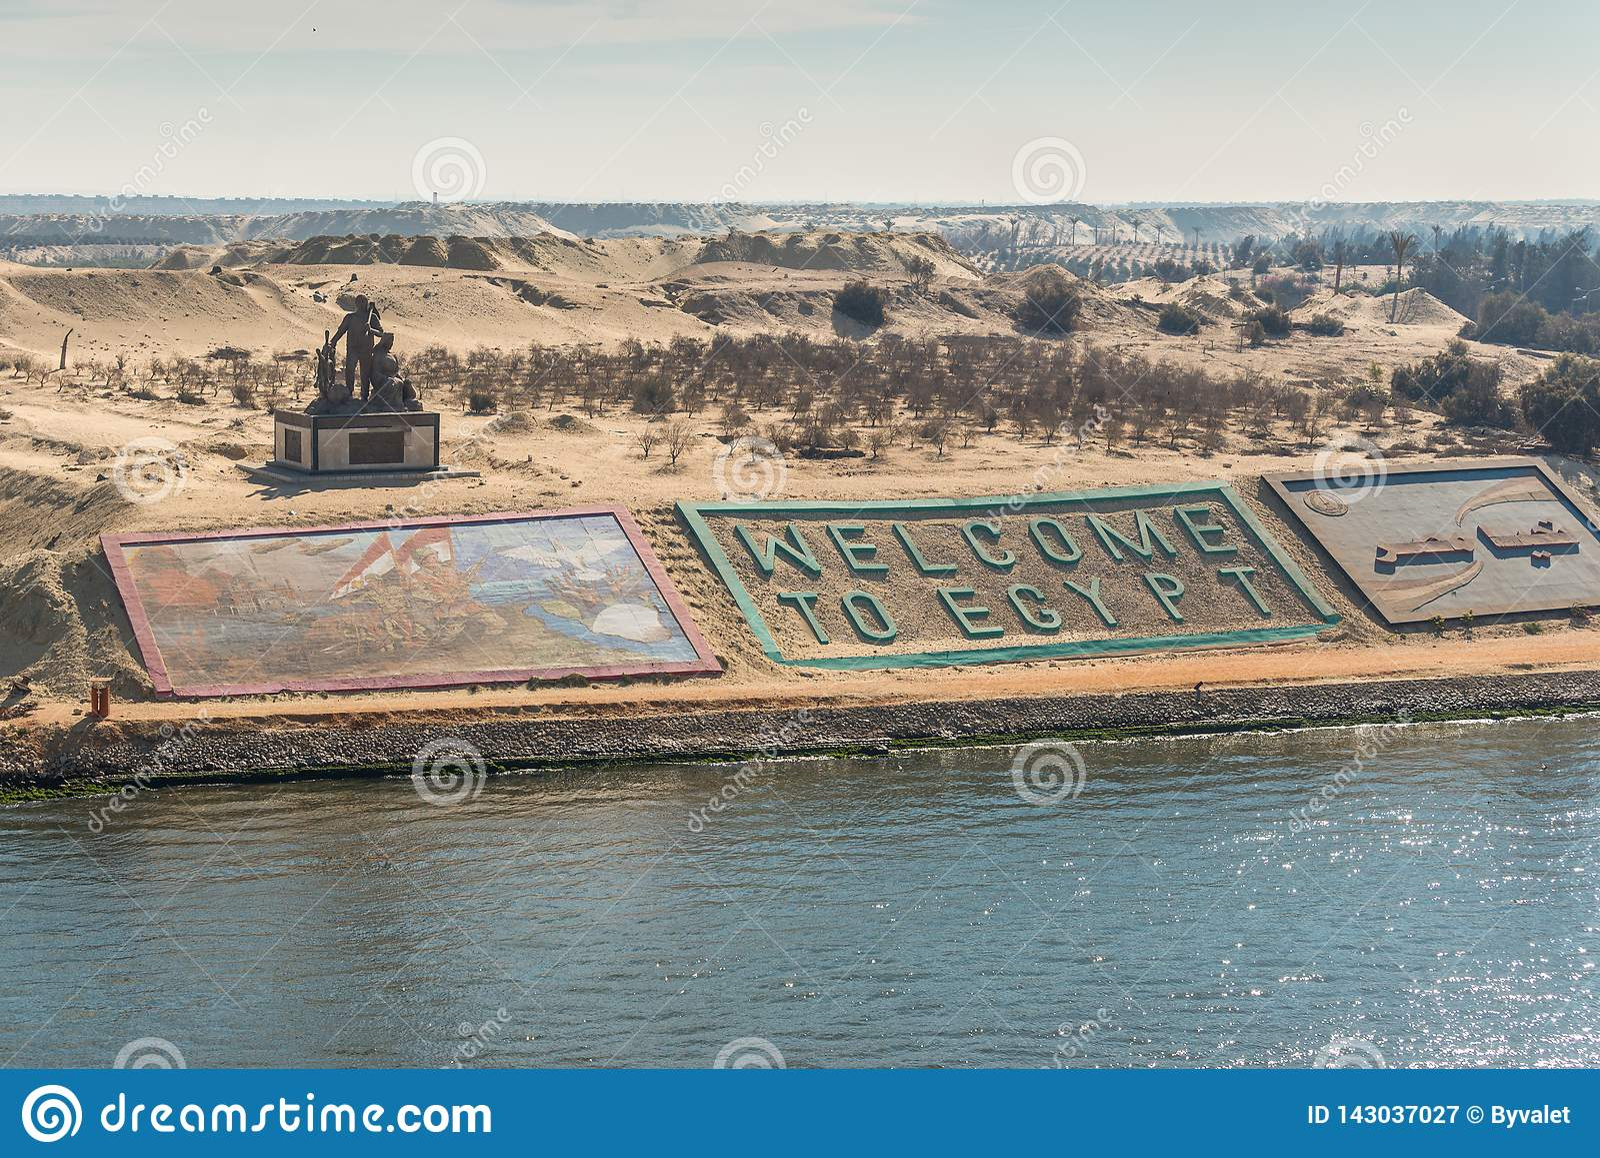 Banche occidentali di nuovo canale di Suez nella città di Ismailia, Egitto